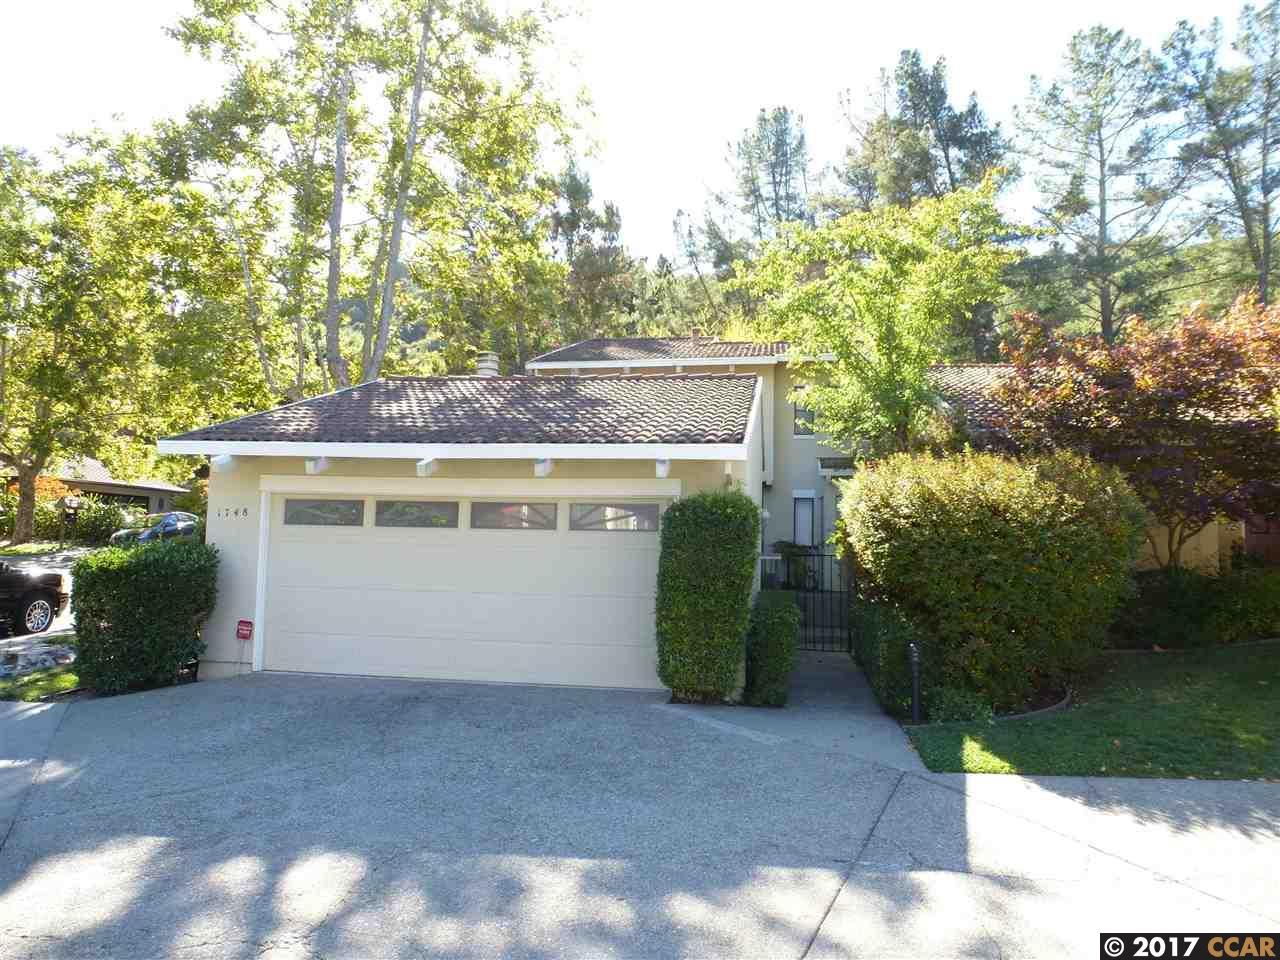 タウンハウス のために 売買 アット 1748 Saint Andrews Drive 1748 Saint Andrews Drive Moraga, カリフォルニア 94556 アメリカ合衆国